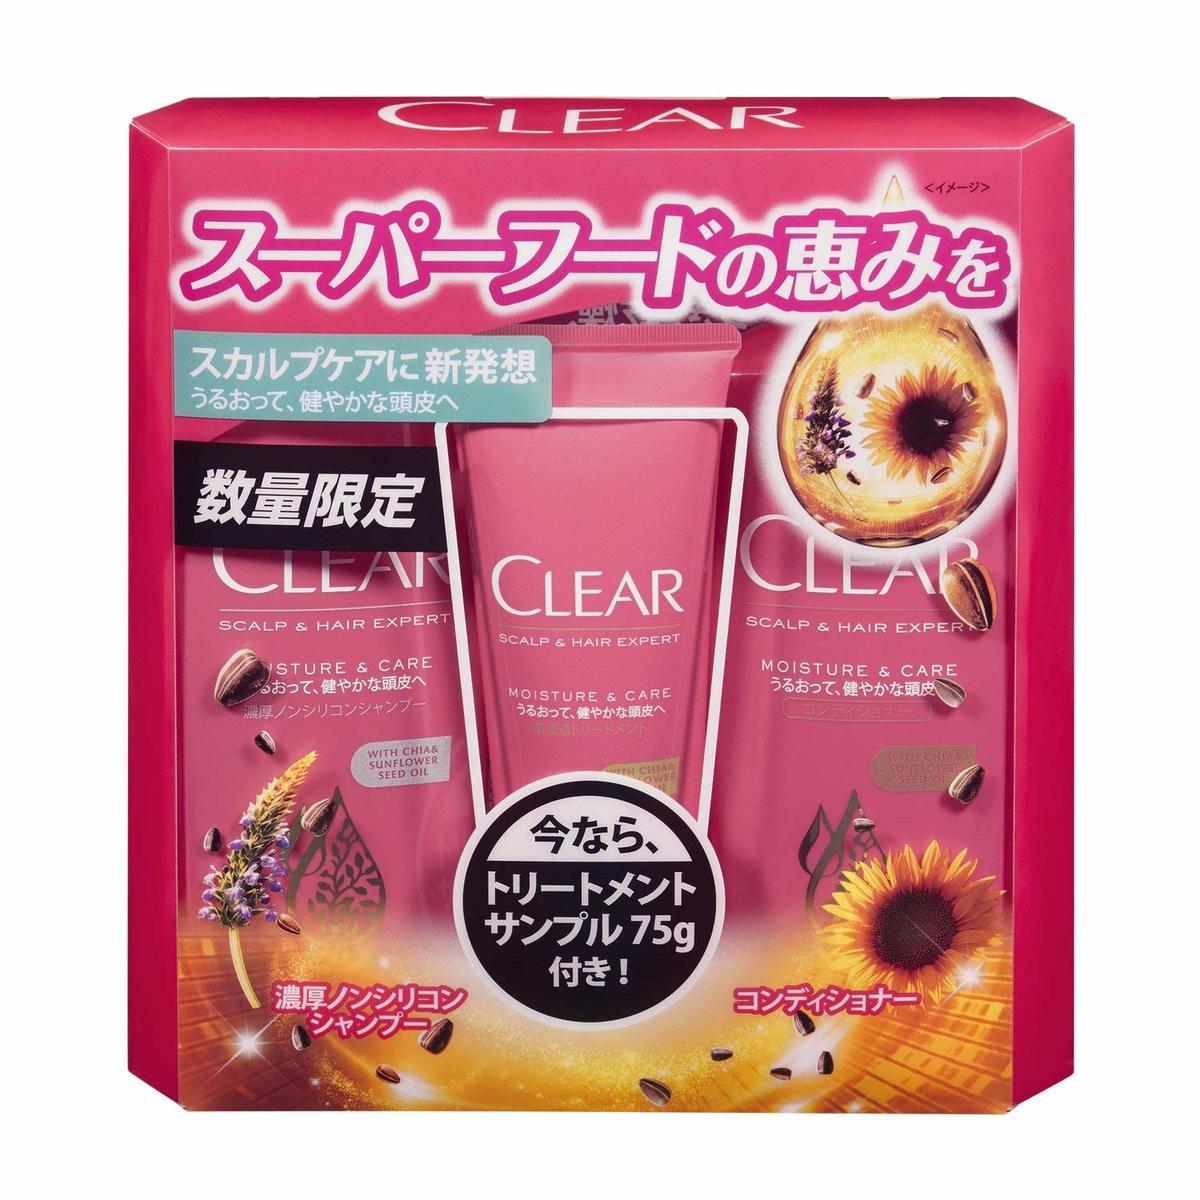 滋潤保濕洗護髮套裝 (洗髮水 370g + 護髮素 370g + 滋潤保濕護髮素 75g)